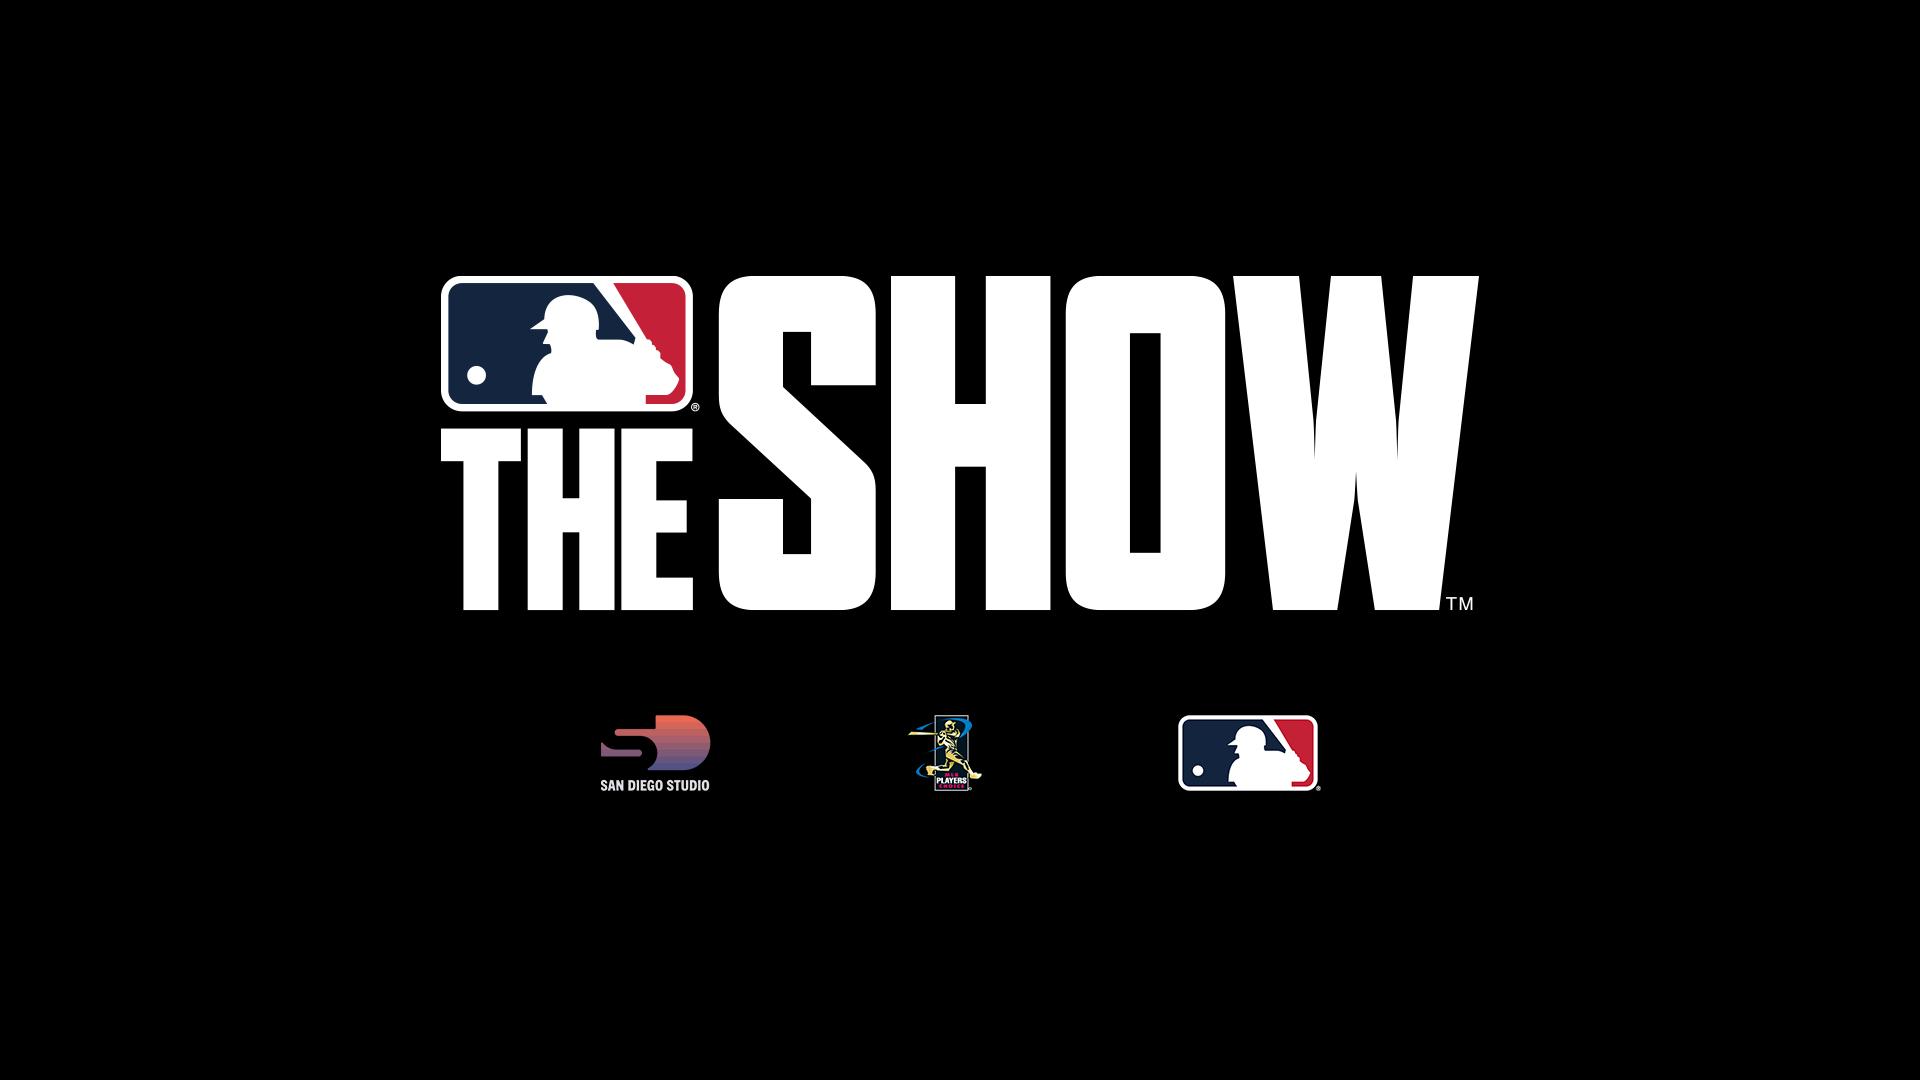 Franquia MLB The Show não será mais exclusiva do PlayStation, Nintendo faz teaser com possível chegada da série no Nintendo Switch